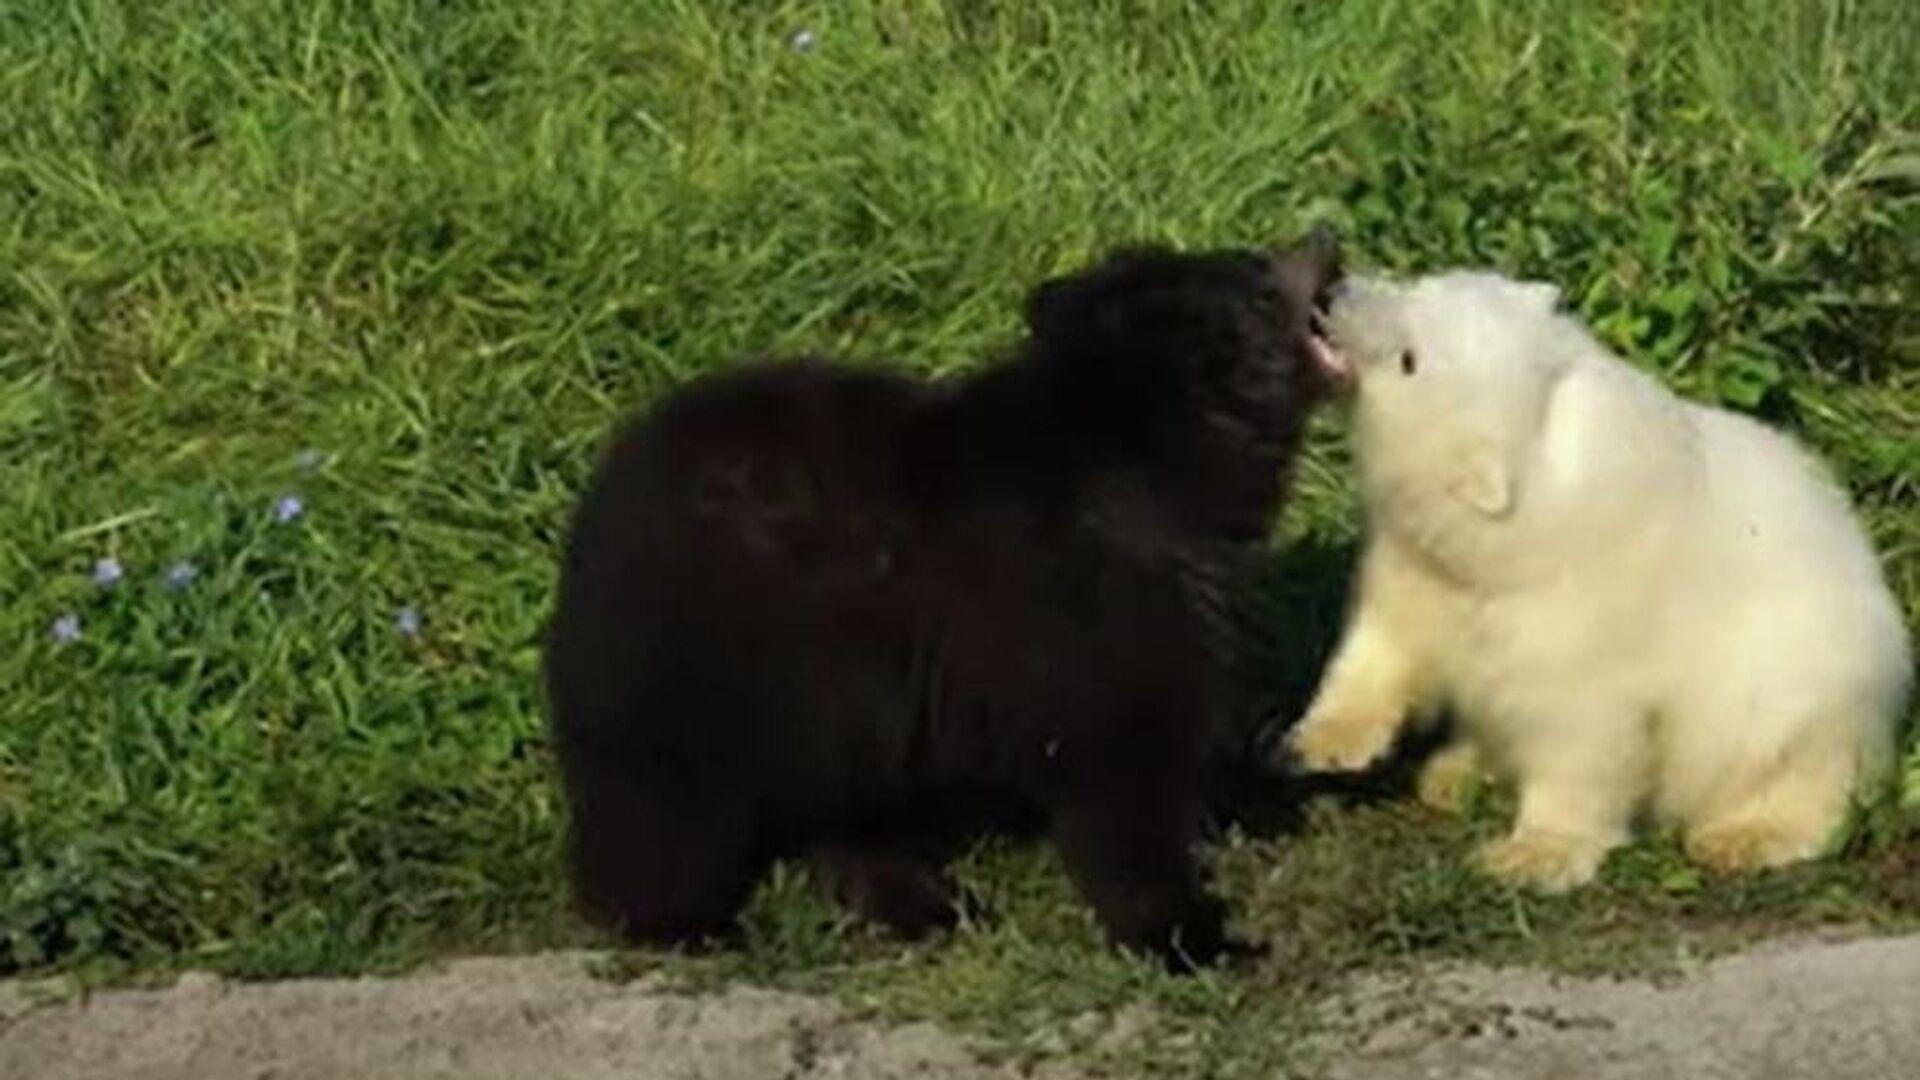 Αρκουδάκι γκρίζλι και πολικό αρκουδάκι είναι αχώριστα στον ζωολογικό κήπο του Ντιτρόιτ - Sputnik Ελλάδα, 1920, 25.09.2021